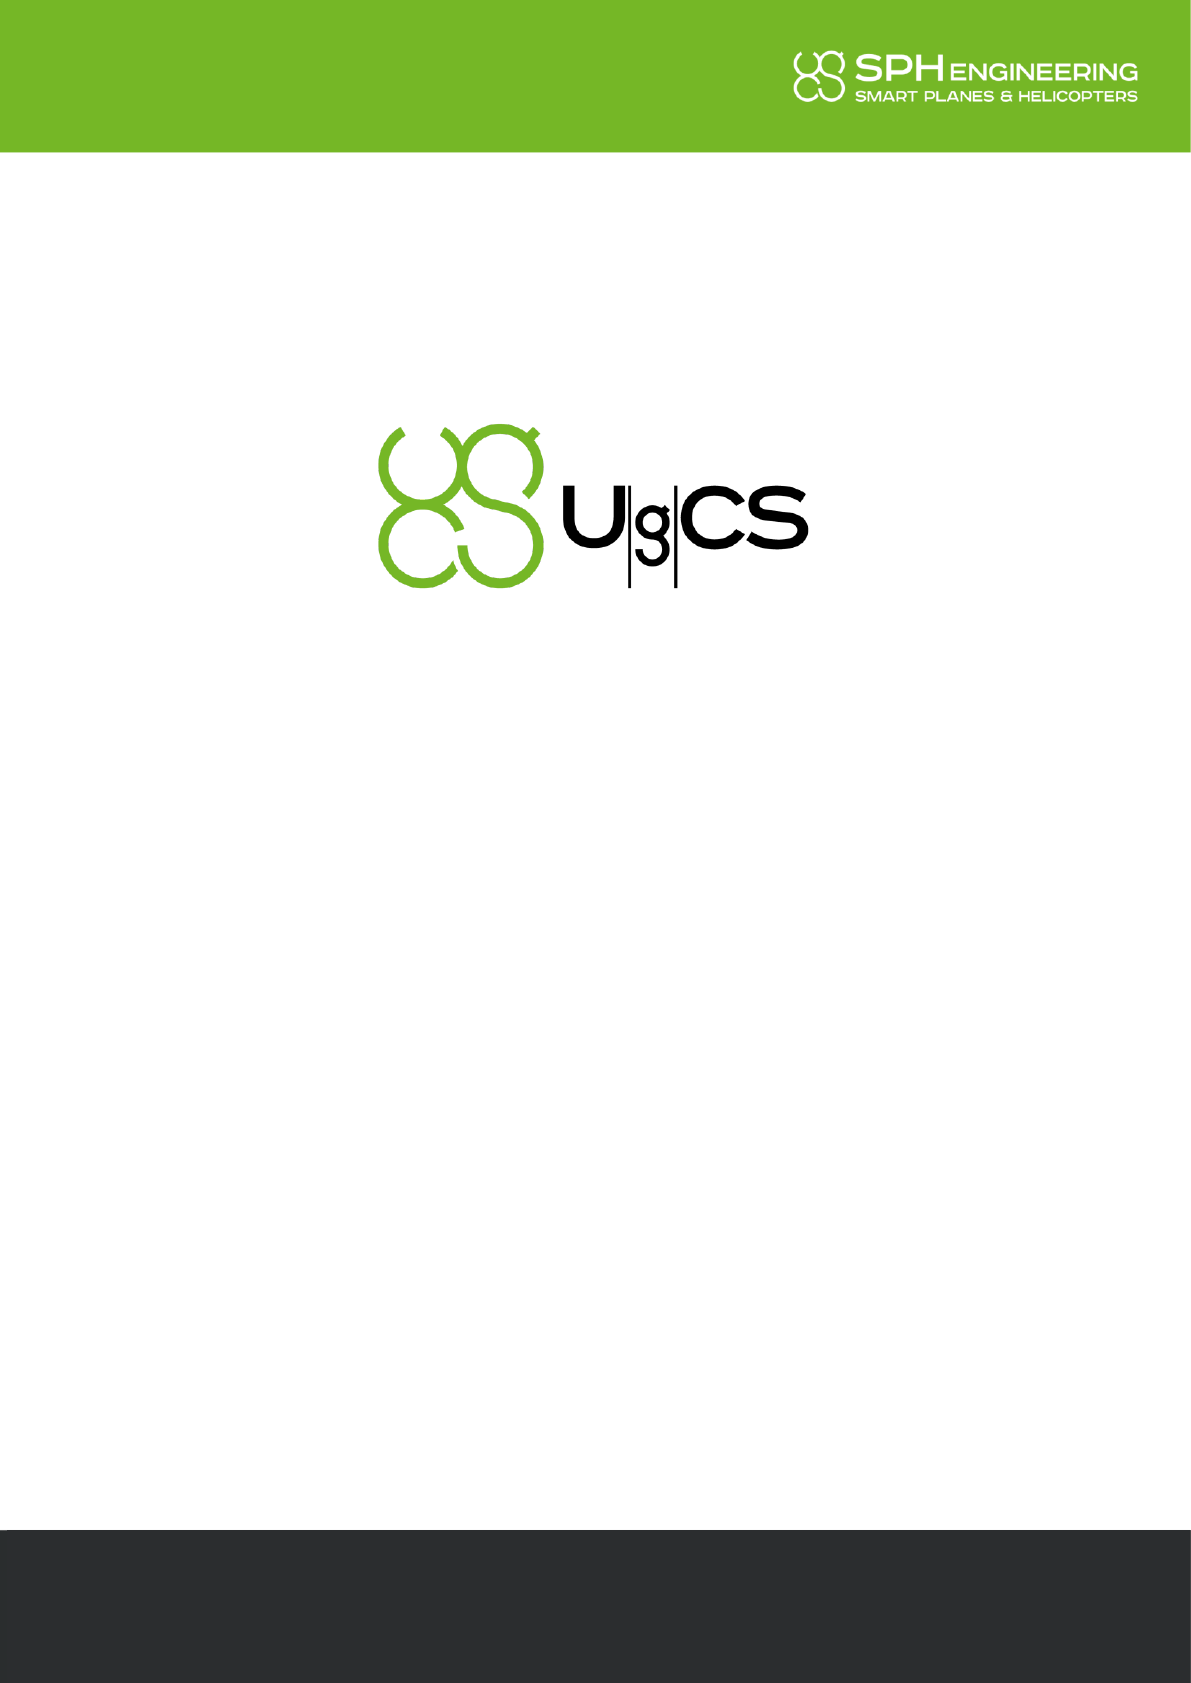 Ug CS DDC User Manual 3 0 For Customer